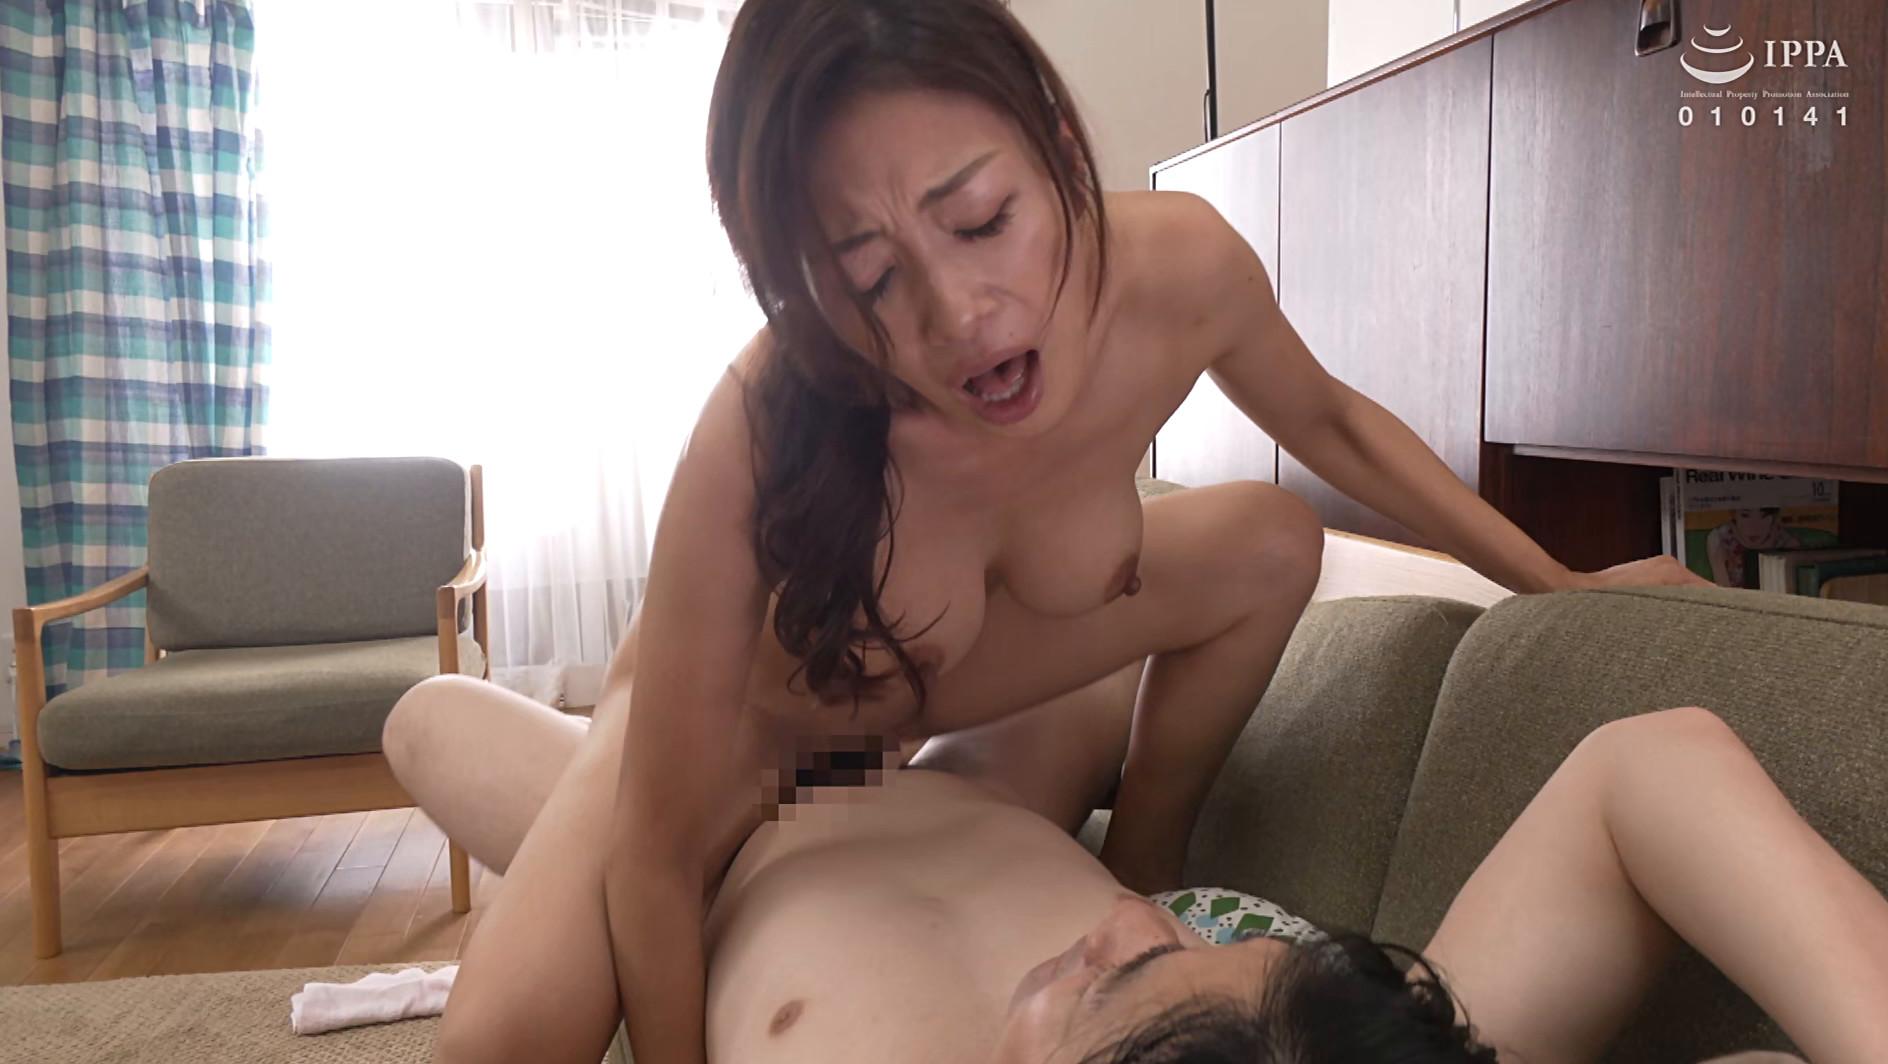 偶然見てしまったおばさんの裸体が目に焼き付いて・・・あの日からおばさんが服を着ていても全裸に見えてしまう僕 小早川怜子 画像14